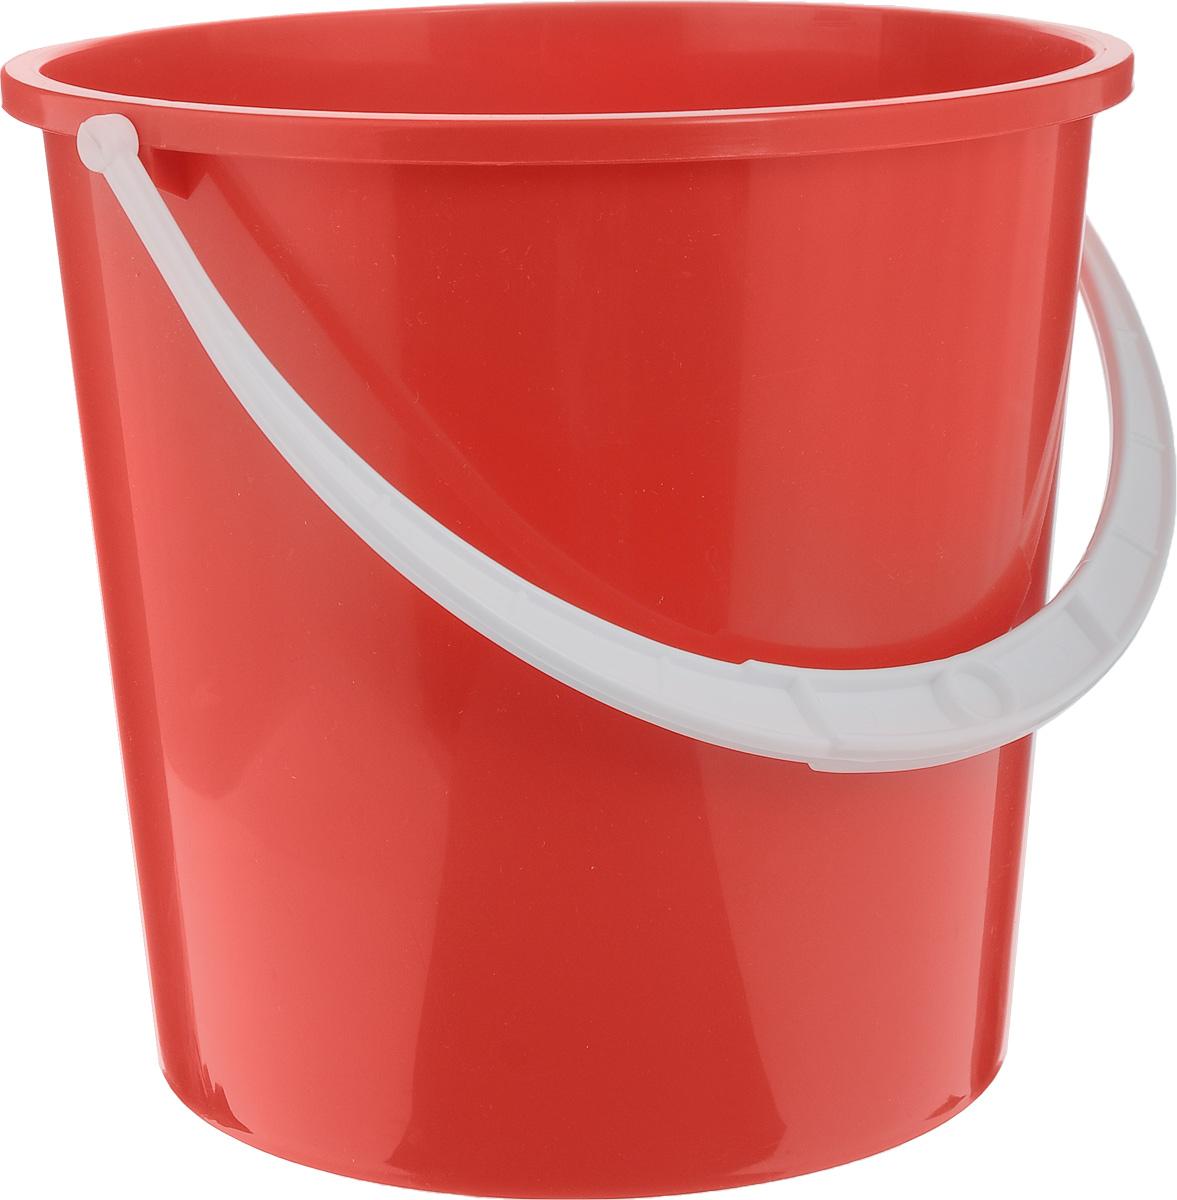 Ведро Альтернатива Крепыш, цвет: красный, 5 лК340_красныйВедро Альтернатива Крепыш изготовлено из высококачественного одноцветного пластика. Оно легче железного и не подвержено коррозии. Ведро оснащено удобной пластиковой ручкой. Такое ведро станет незаменимым помощником в хозяйстве. Диаметр (по верхнему краю): 22 см. Высота: 20,5 см.